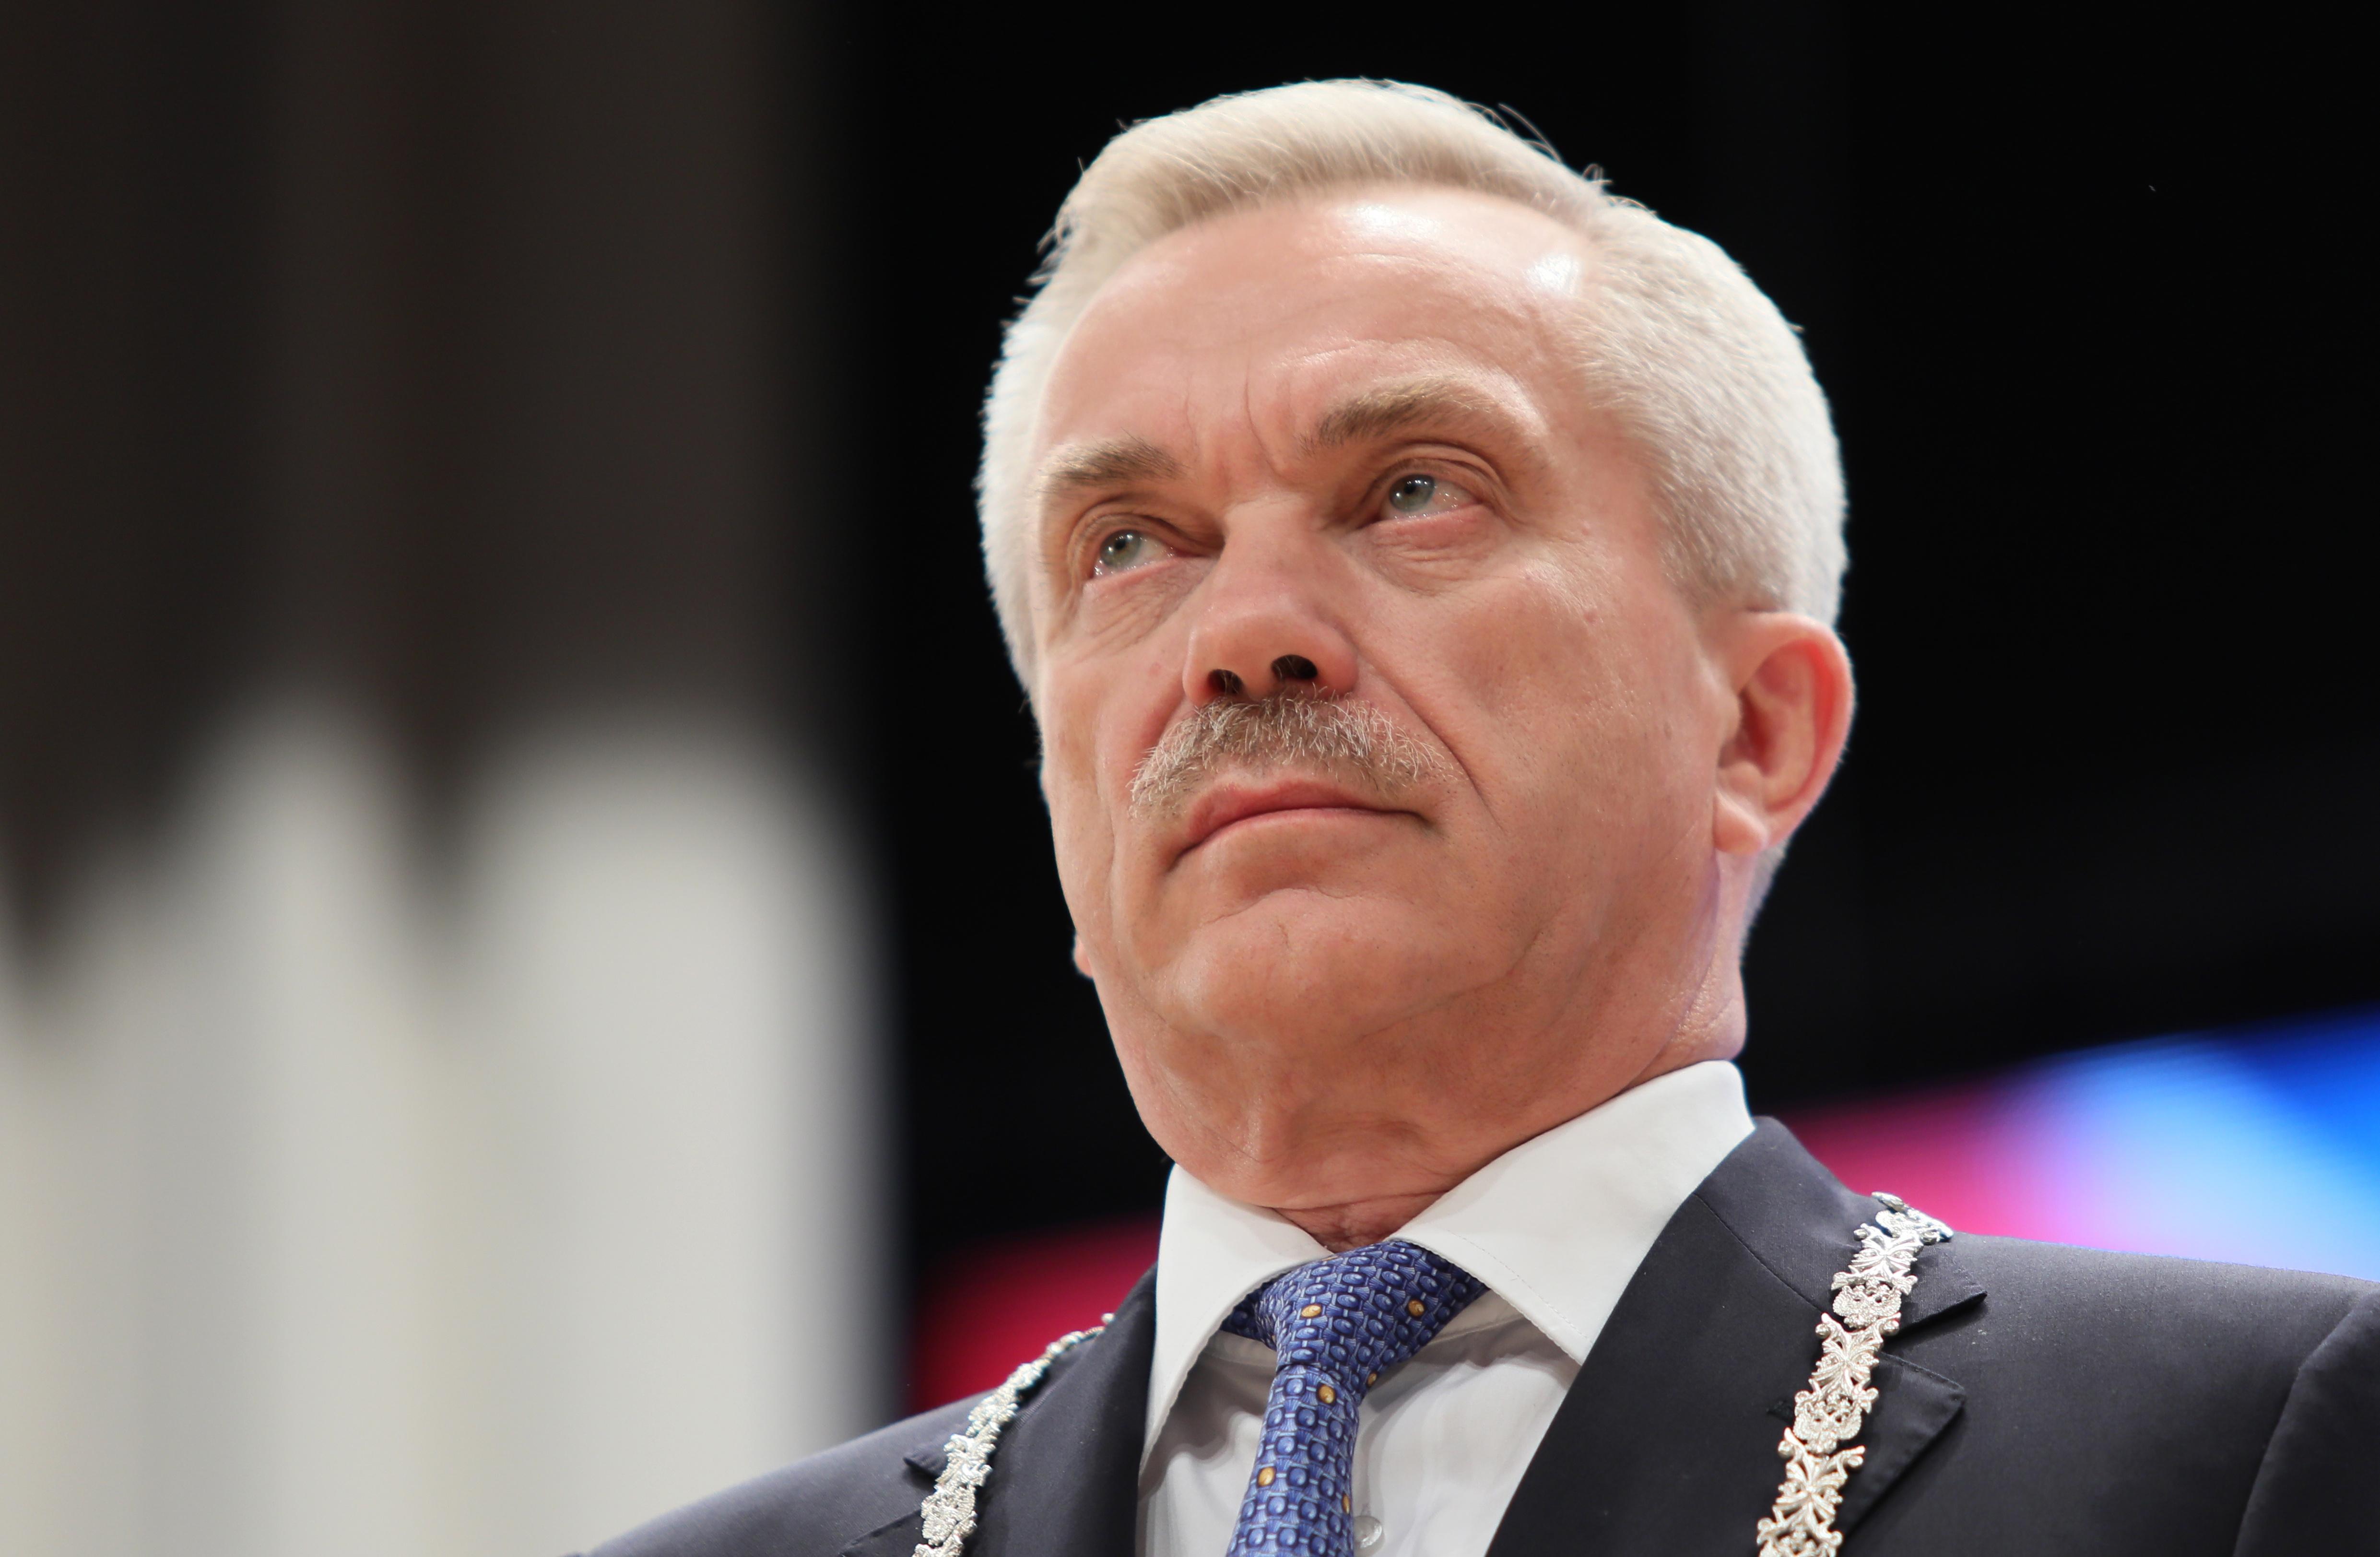 Песков: Кремль не получал прошения об отставке главы Белгородской области